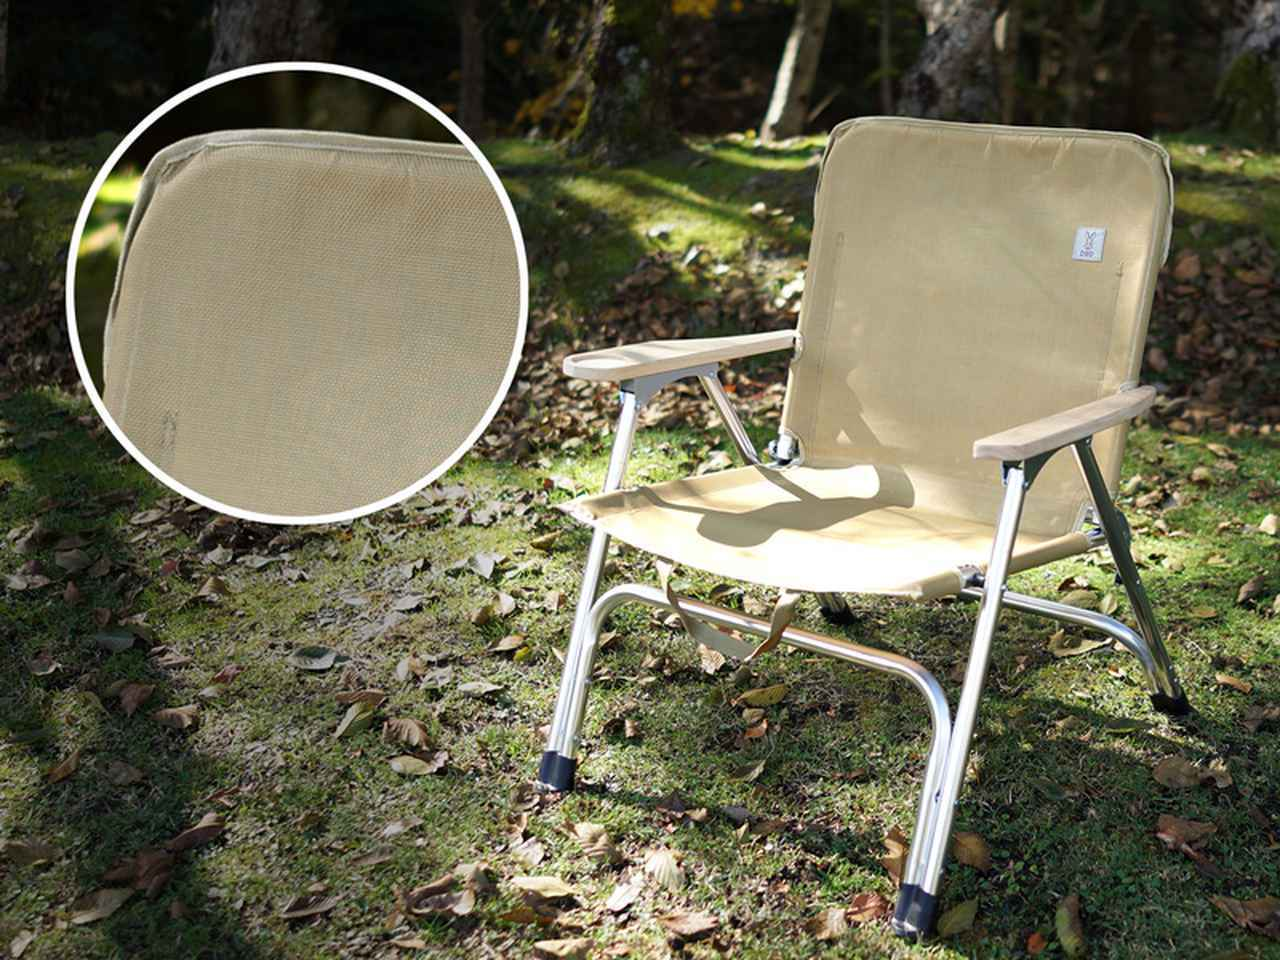 画像: キャンプでも家でも贅沢な座り心地を!「ユトリチェア」by DOD